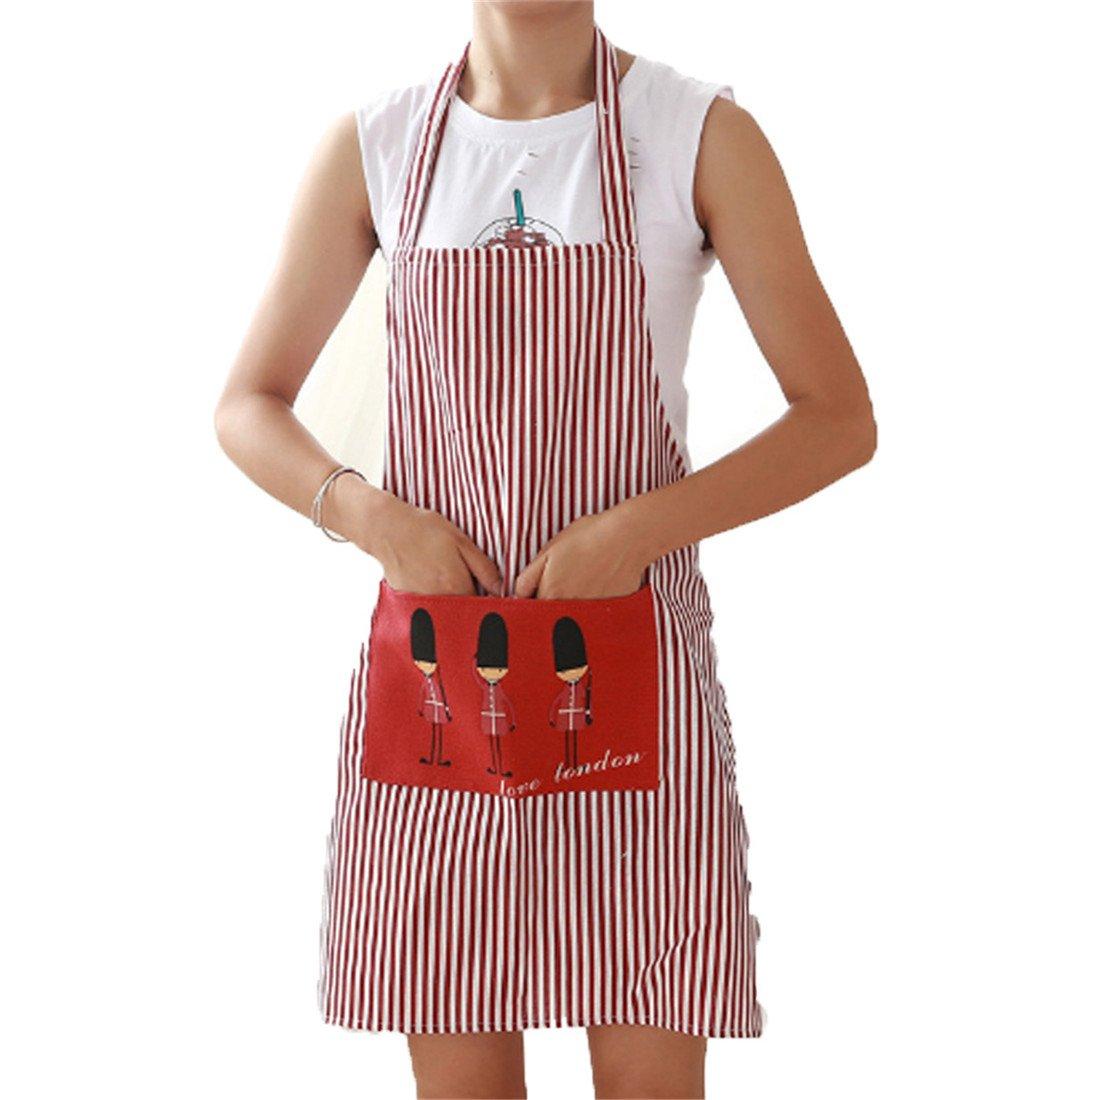 Edtoyコットンキャンバス女性用エプロン便利なポケット耐久性ストライプキッチン調理エプロンの女性をプロの料理、グリル、ベーキング、レッドストライプシェフエプロンSoldiersパターン   B078GWH9MM